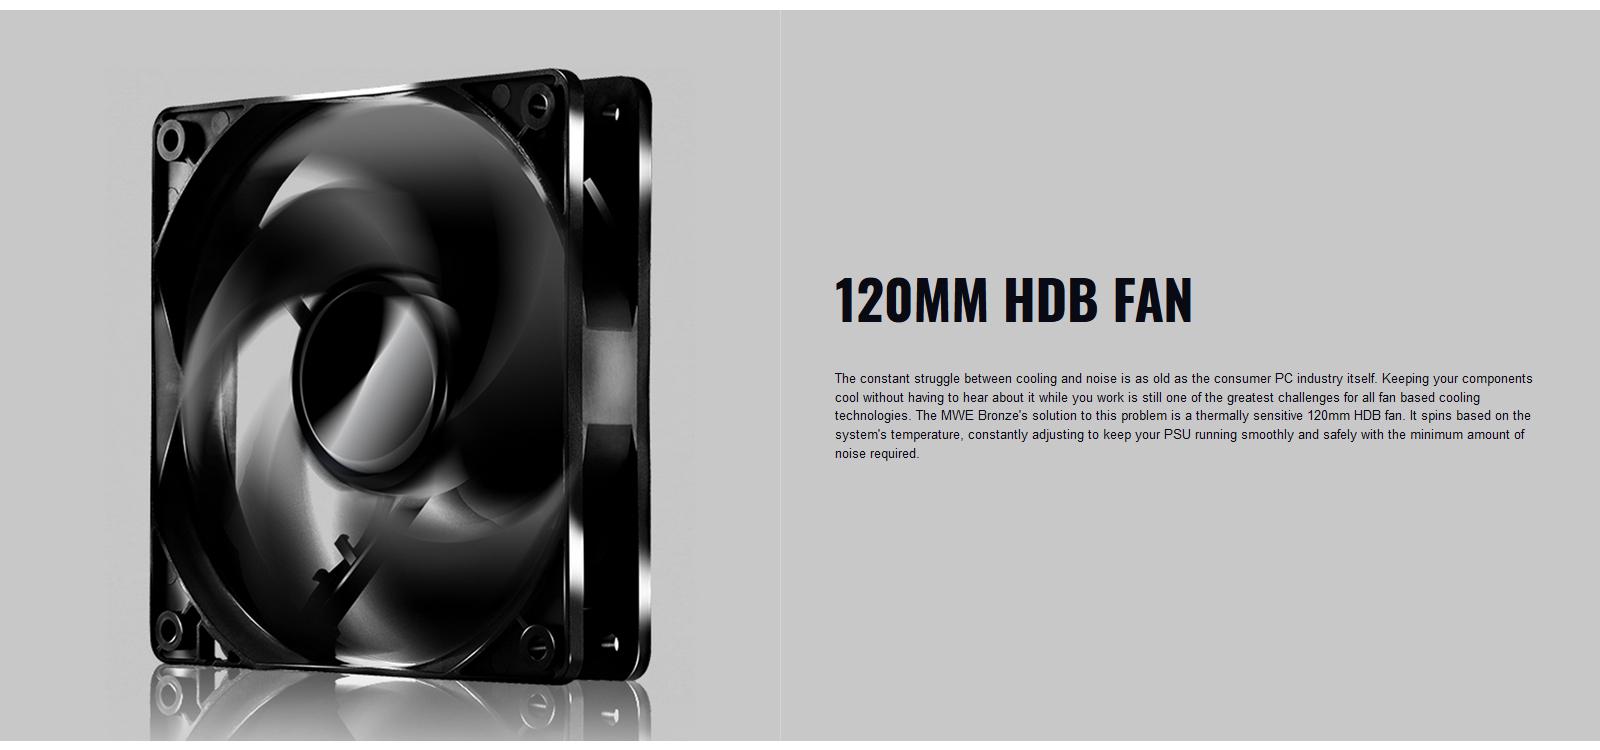 Nguồn máy tính Cooler Master MWE V2 230V 650 650W Plus Bronze (80 Plus Bronze/Màu Đen) trang bị quạt HDB 120MM